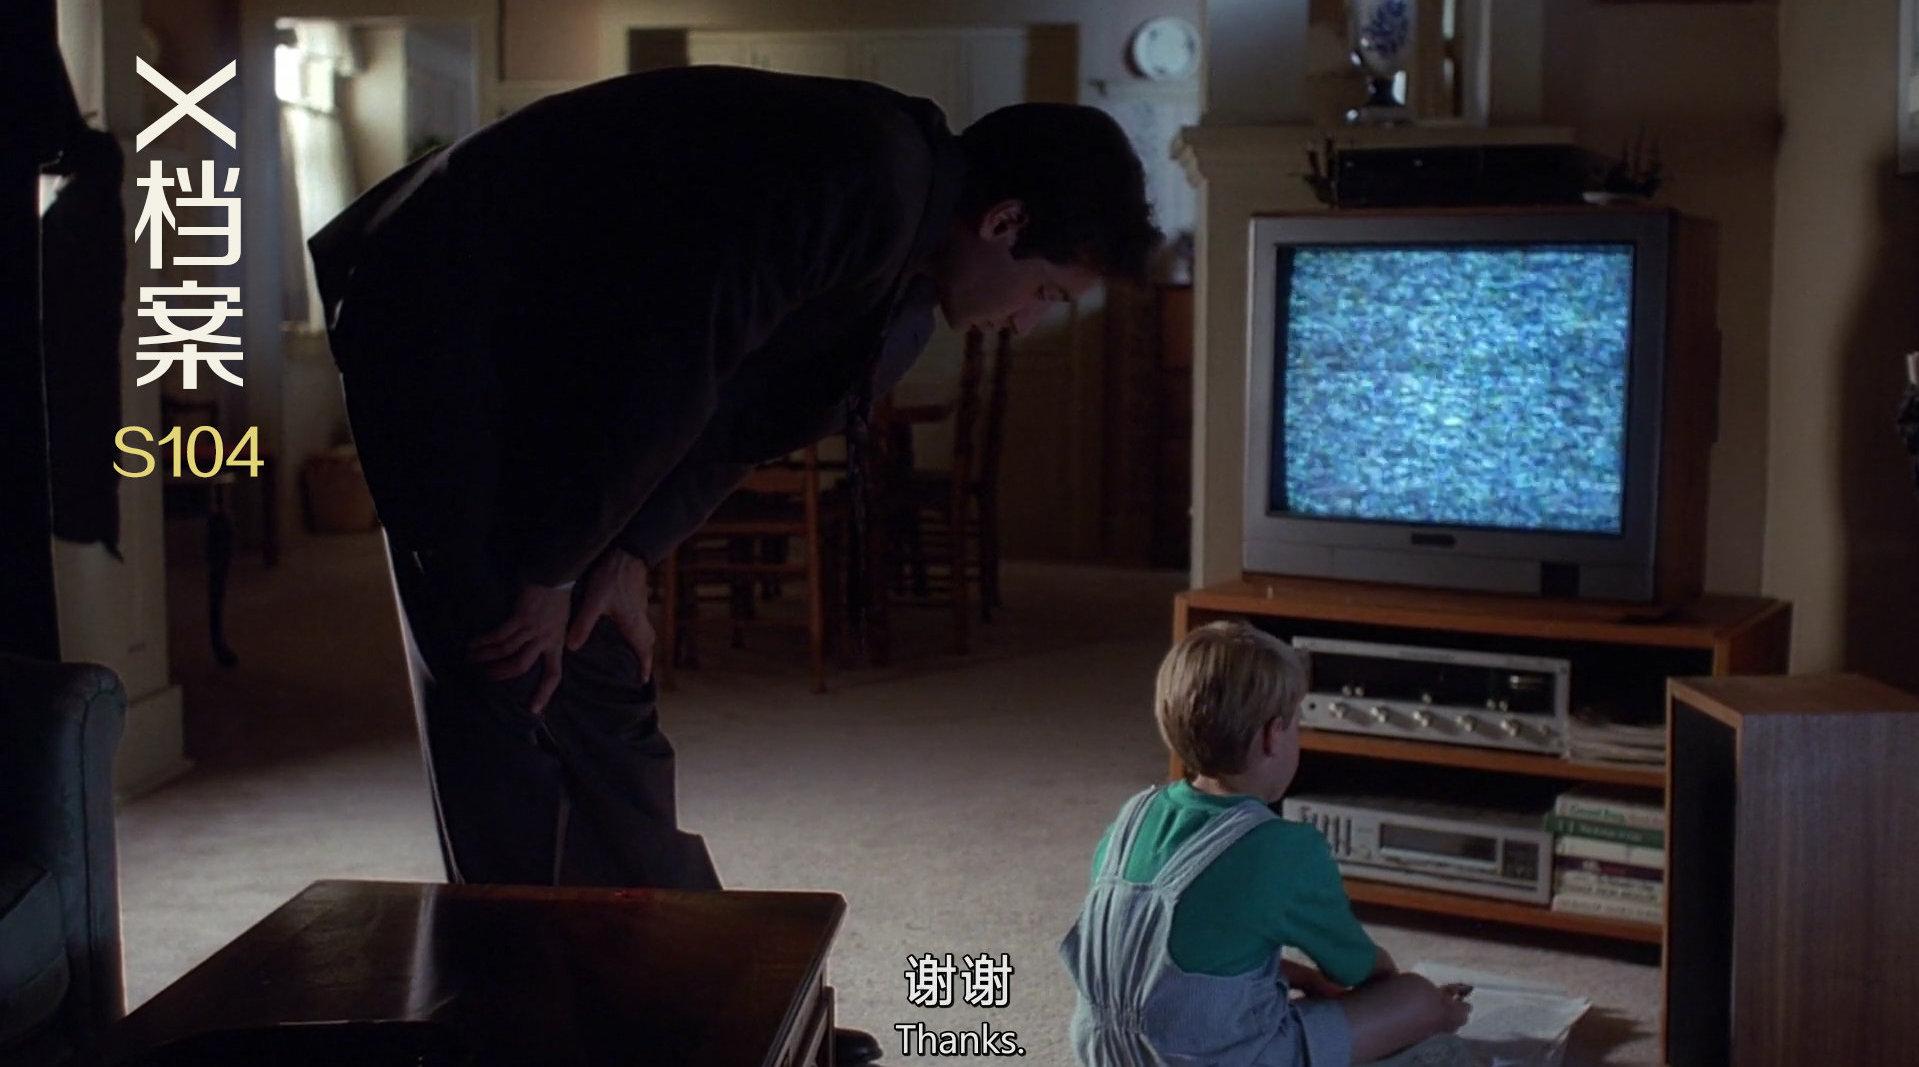 X档案1-4,警探调查少女失踪案,意外发现她弟弟有特殊能力